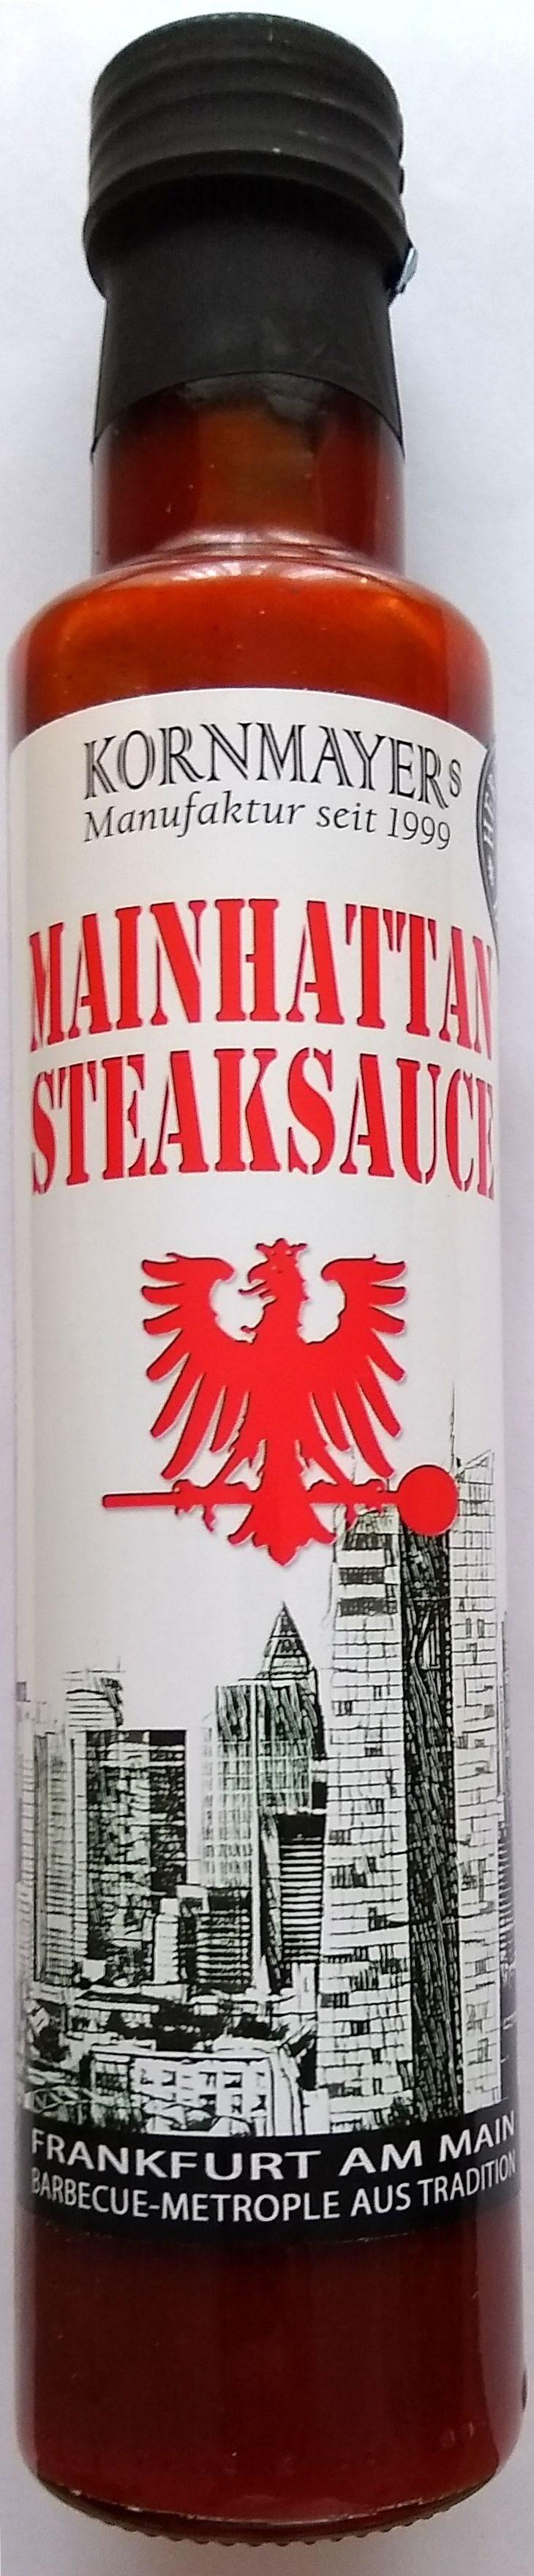 Mainhattan Steaksauce - Product - de